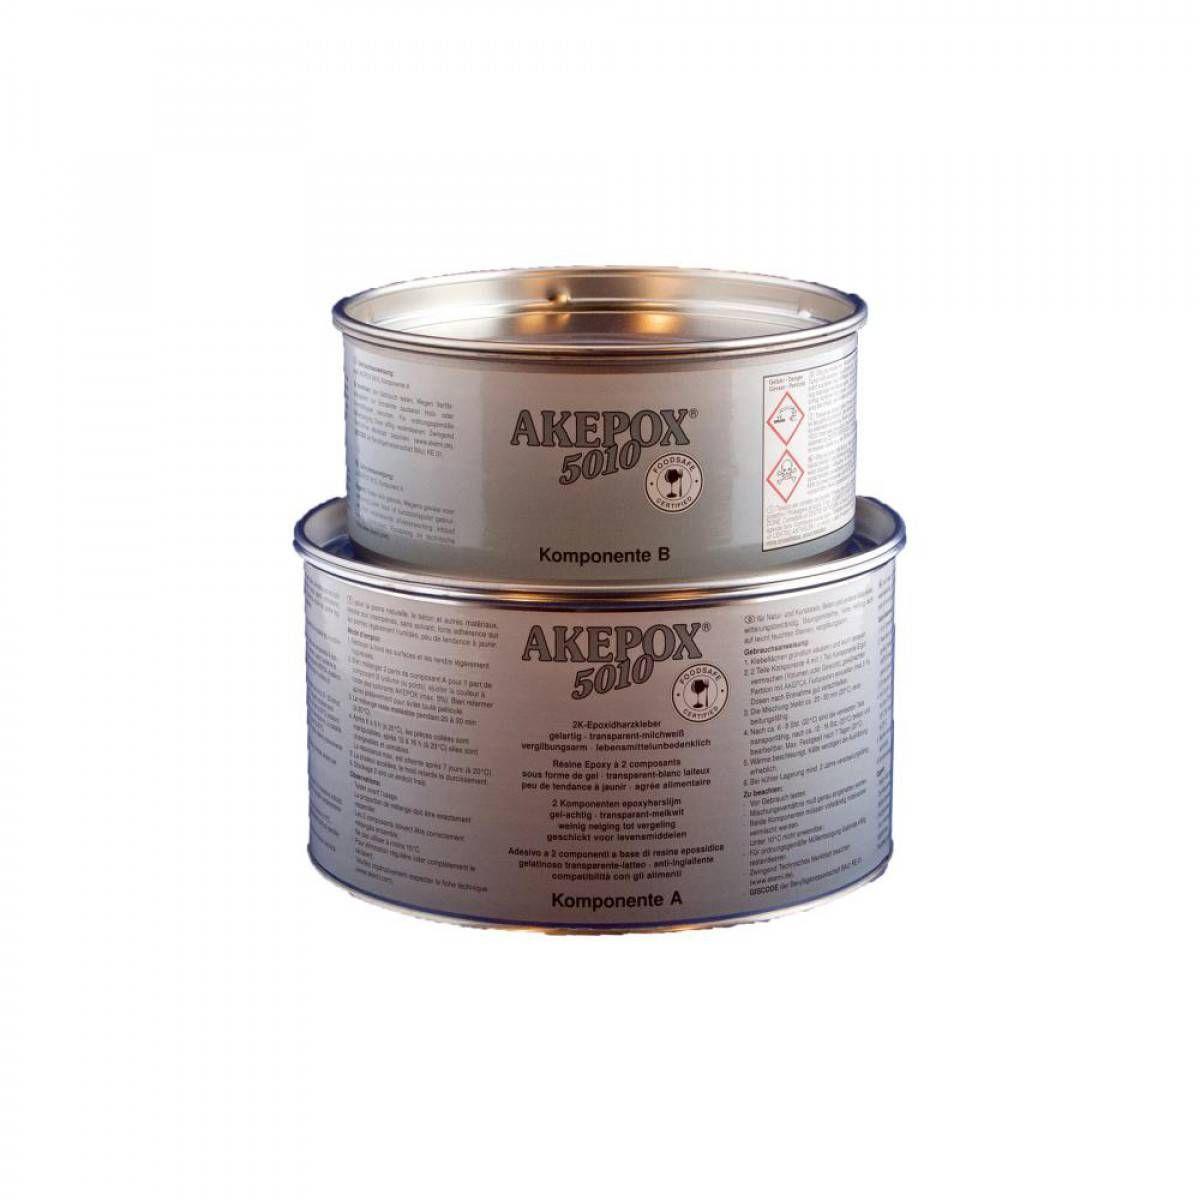 Akepox 5010 Colle De Construction Akemi Conditionnement Collant Centre De Recherche